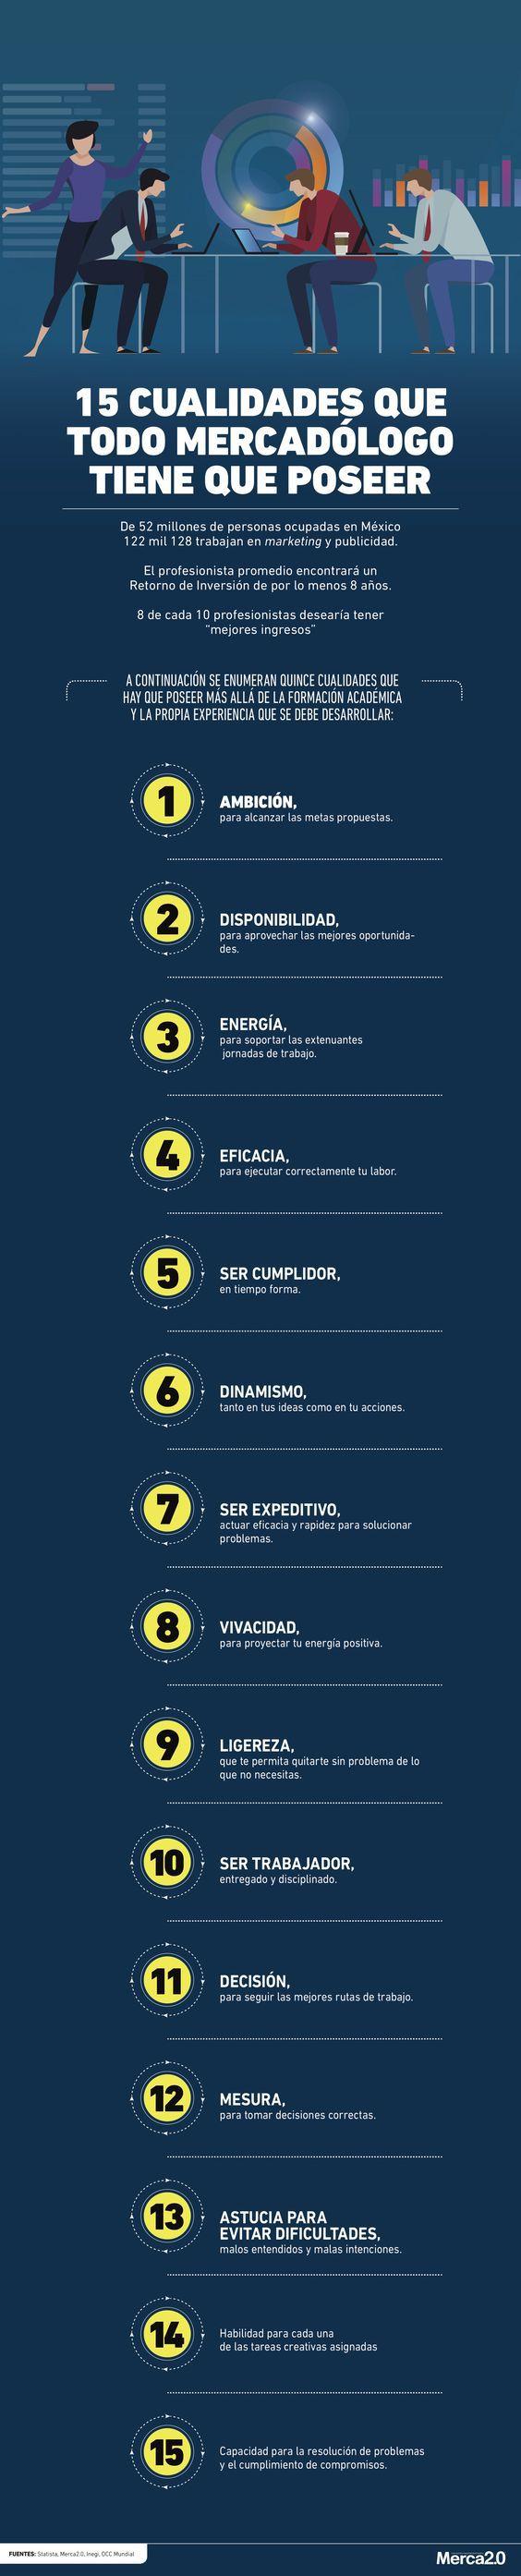 15 cualidades que un profesional de Marketing debe tener #infografia #infographic #marketing